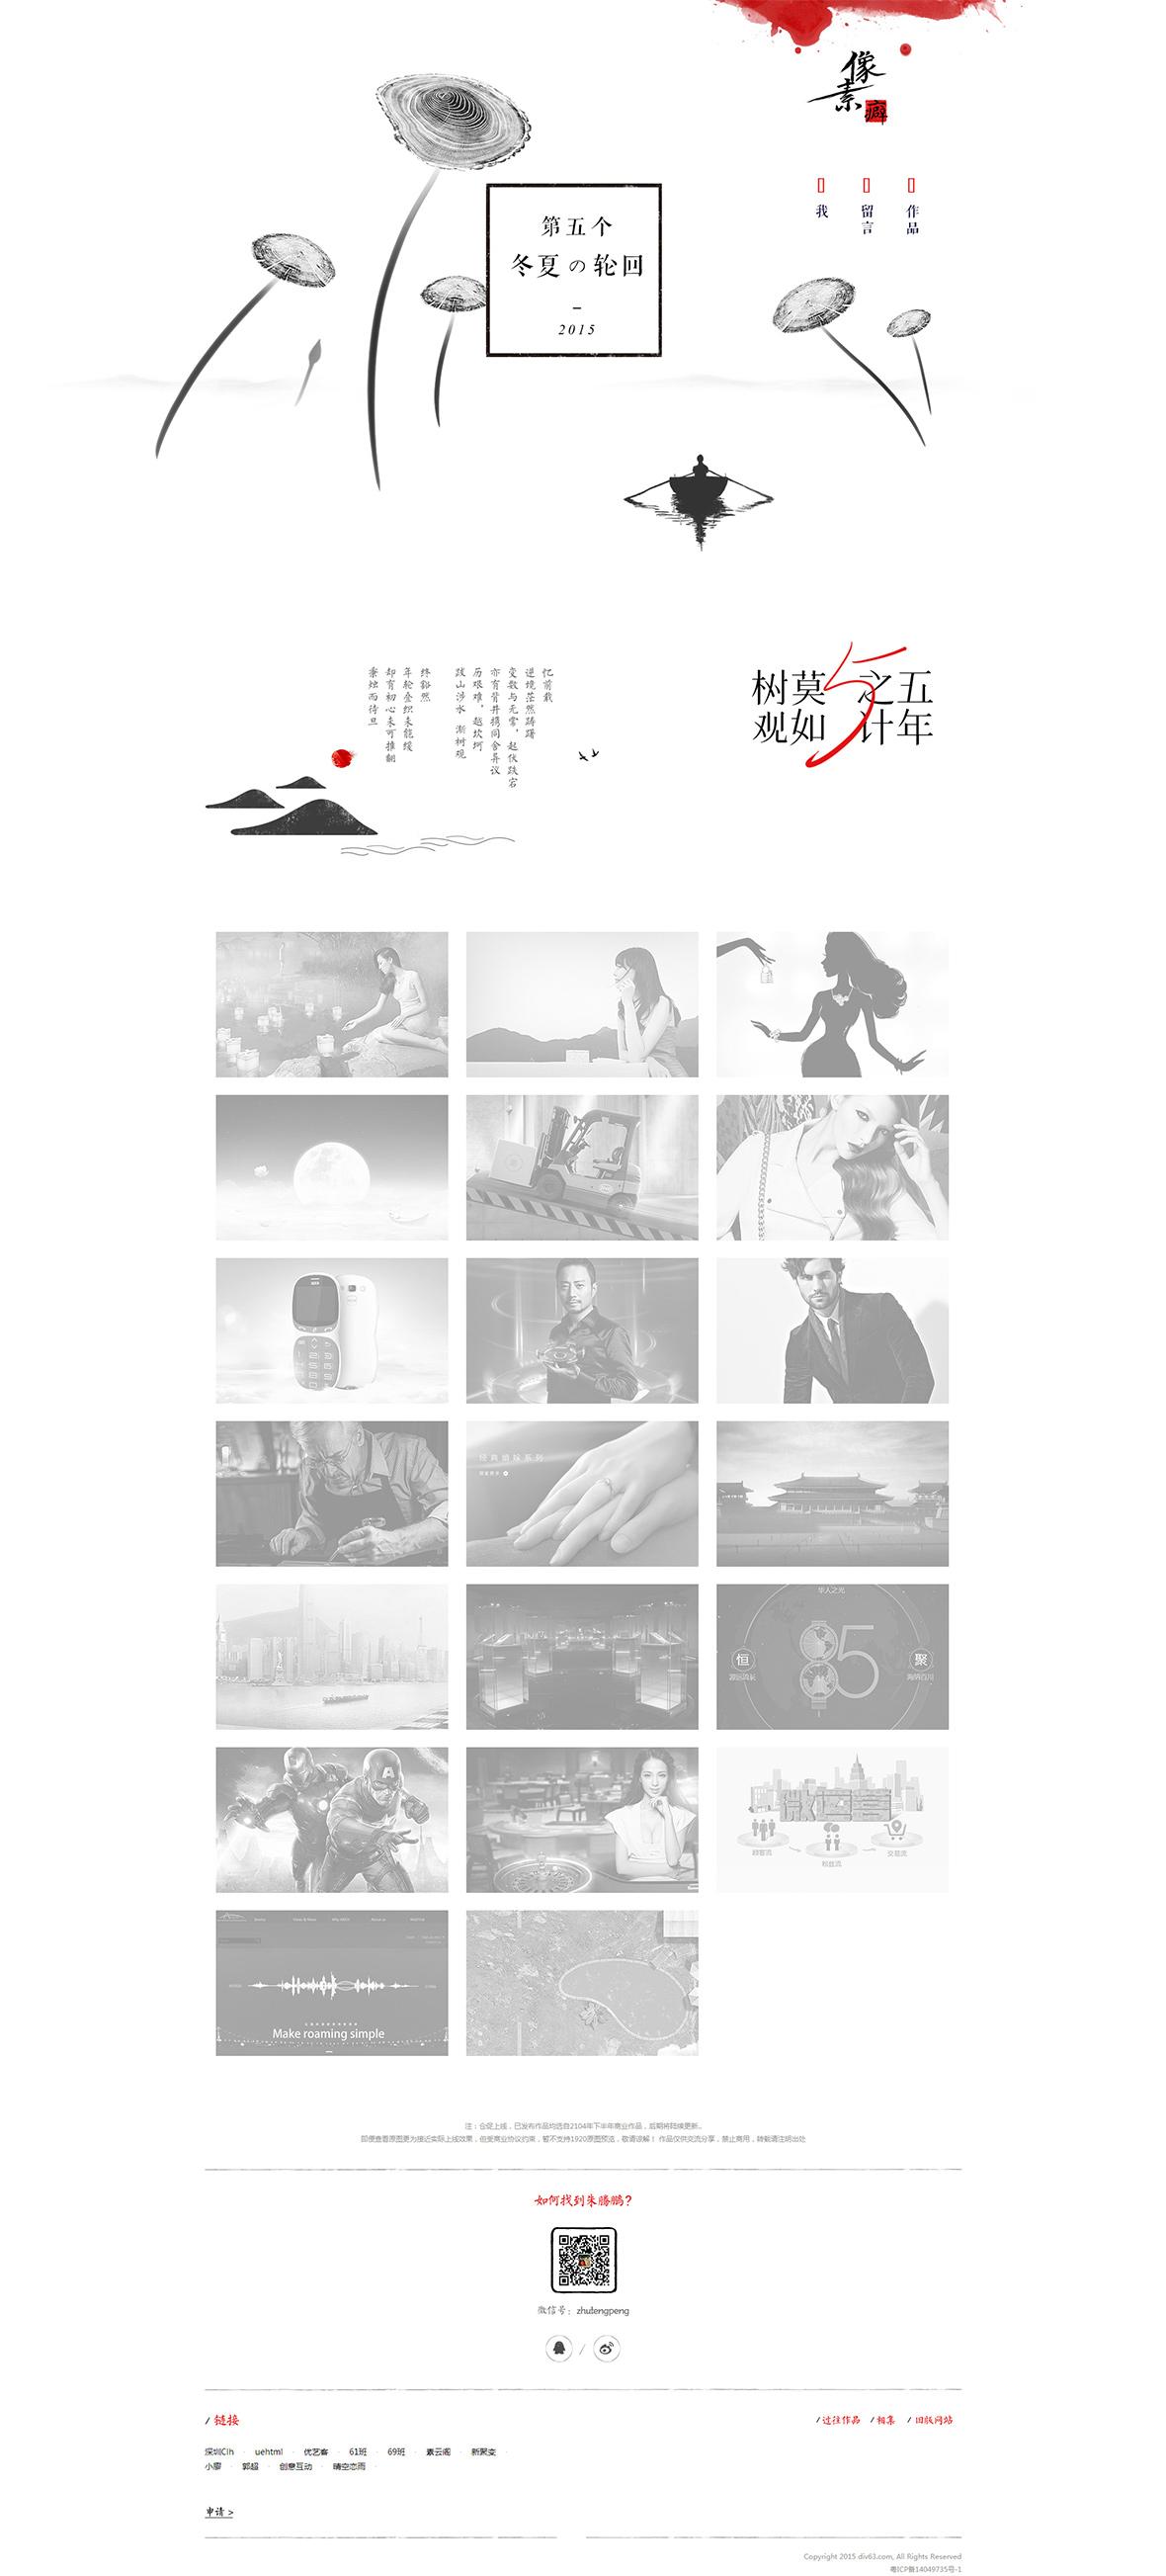 朱腾鹏 – 像素癖 – 个人网站2015版-创意,网页设计,创意设计,创意网站,字体设计,设计网站,设计作品,网站欣赏,优,ui设计,设计,设计师,平面设计,电商设计,动漫设计,网站设计,海报设计,logo设计,ui